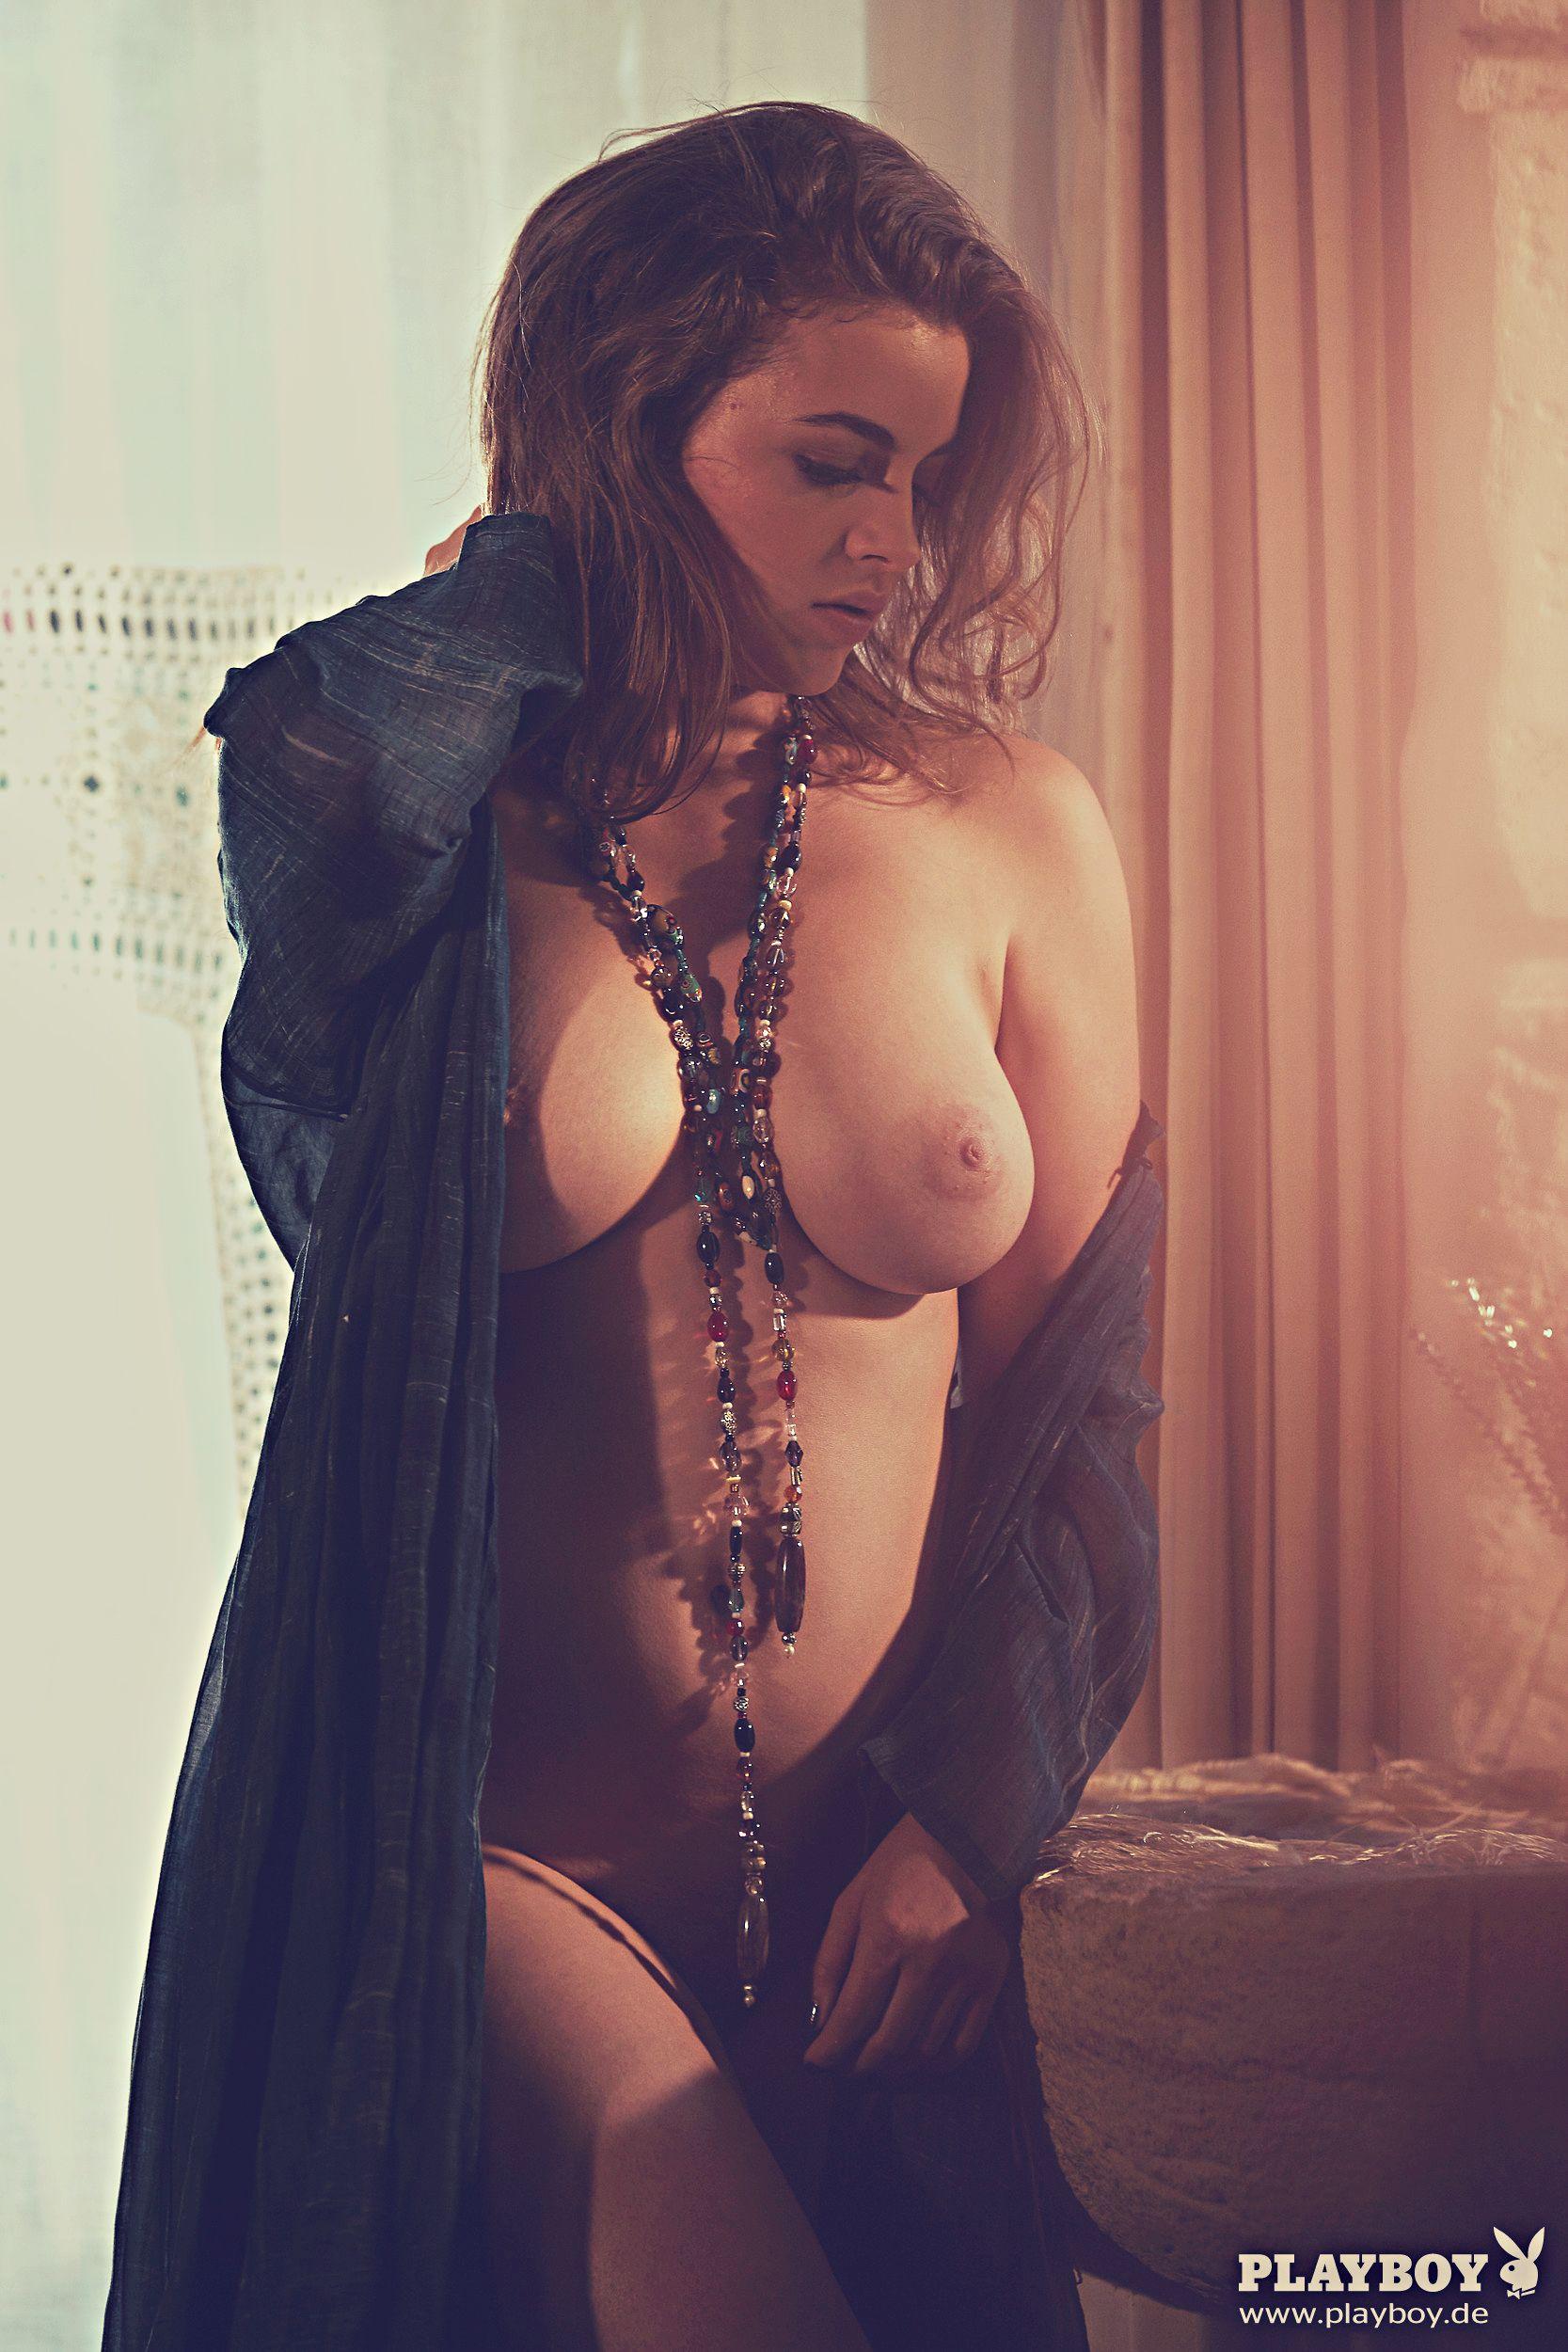 Big ass hot kerala girls photos